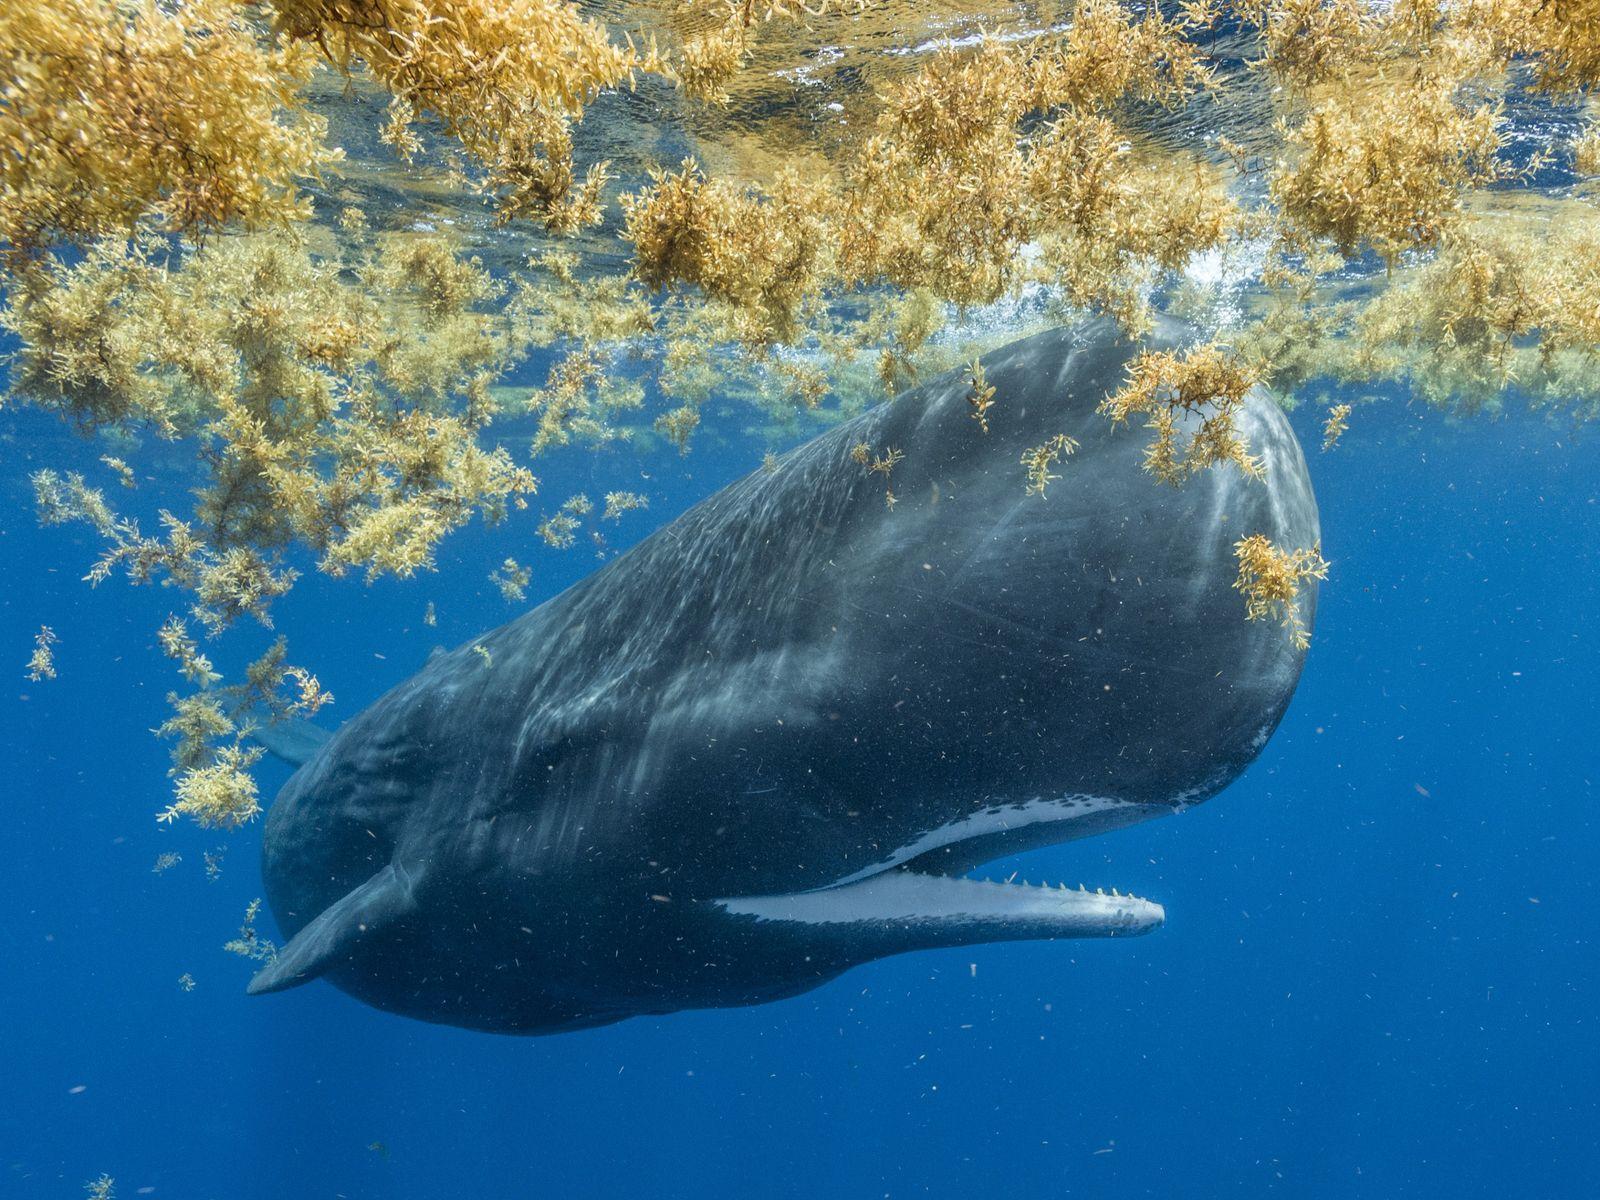 Baleia cachalote nada em meio ao Mar de Sargaços próximo à ilha Dominica, no Mar do ...